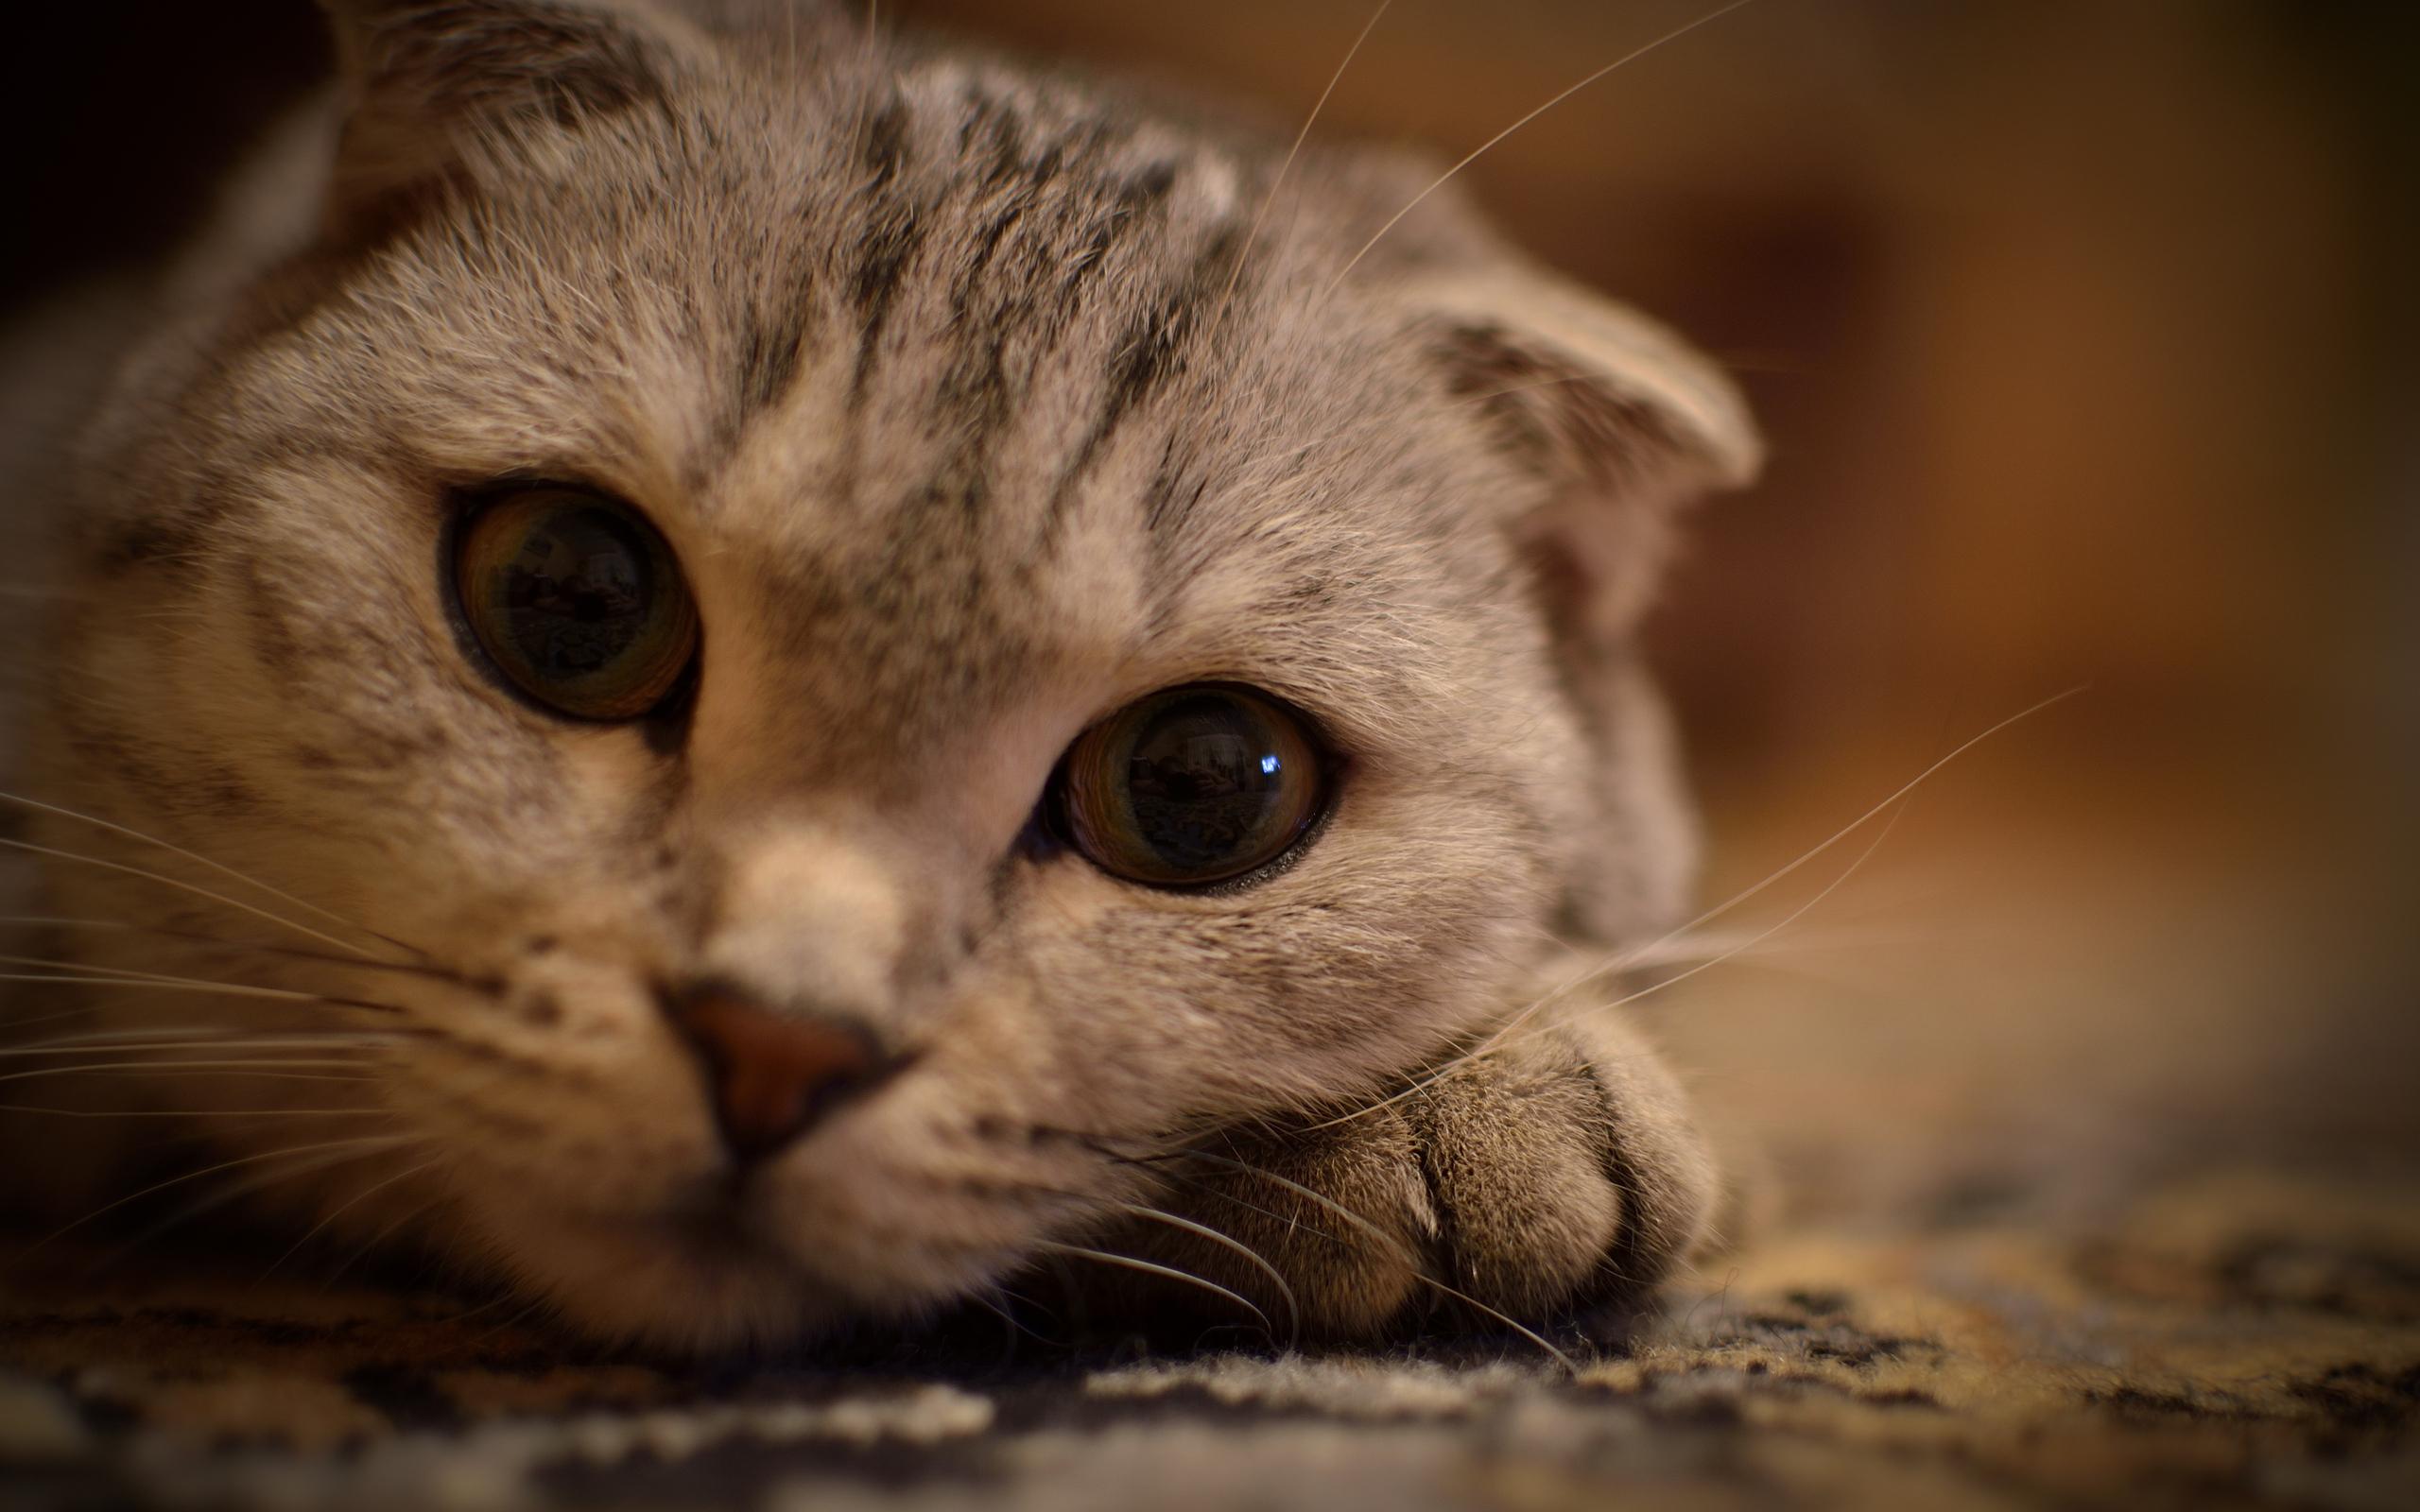 Кот взгляд испуганный  № 650796 загрузить